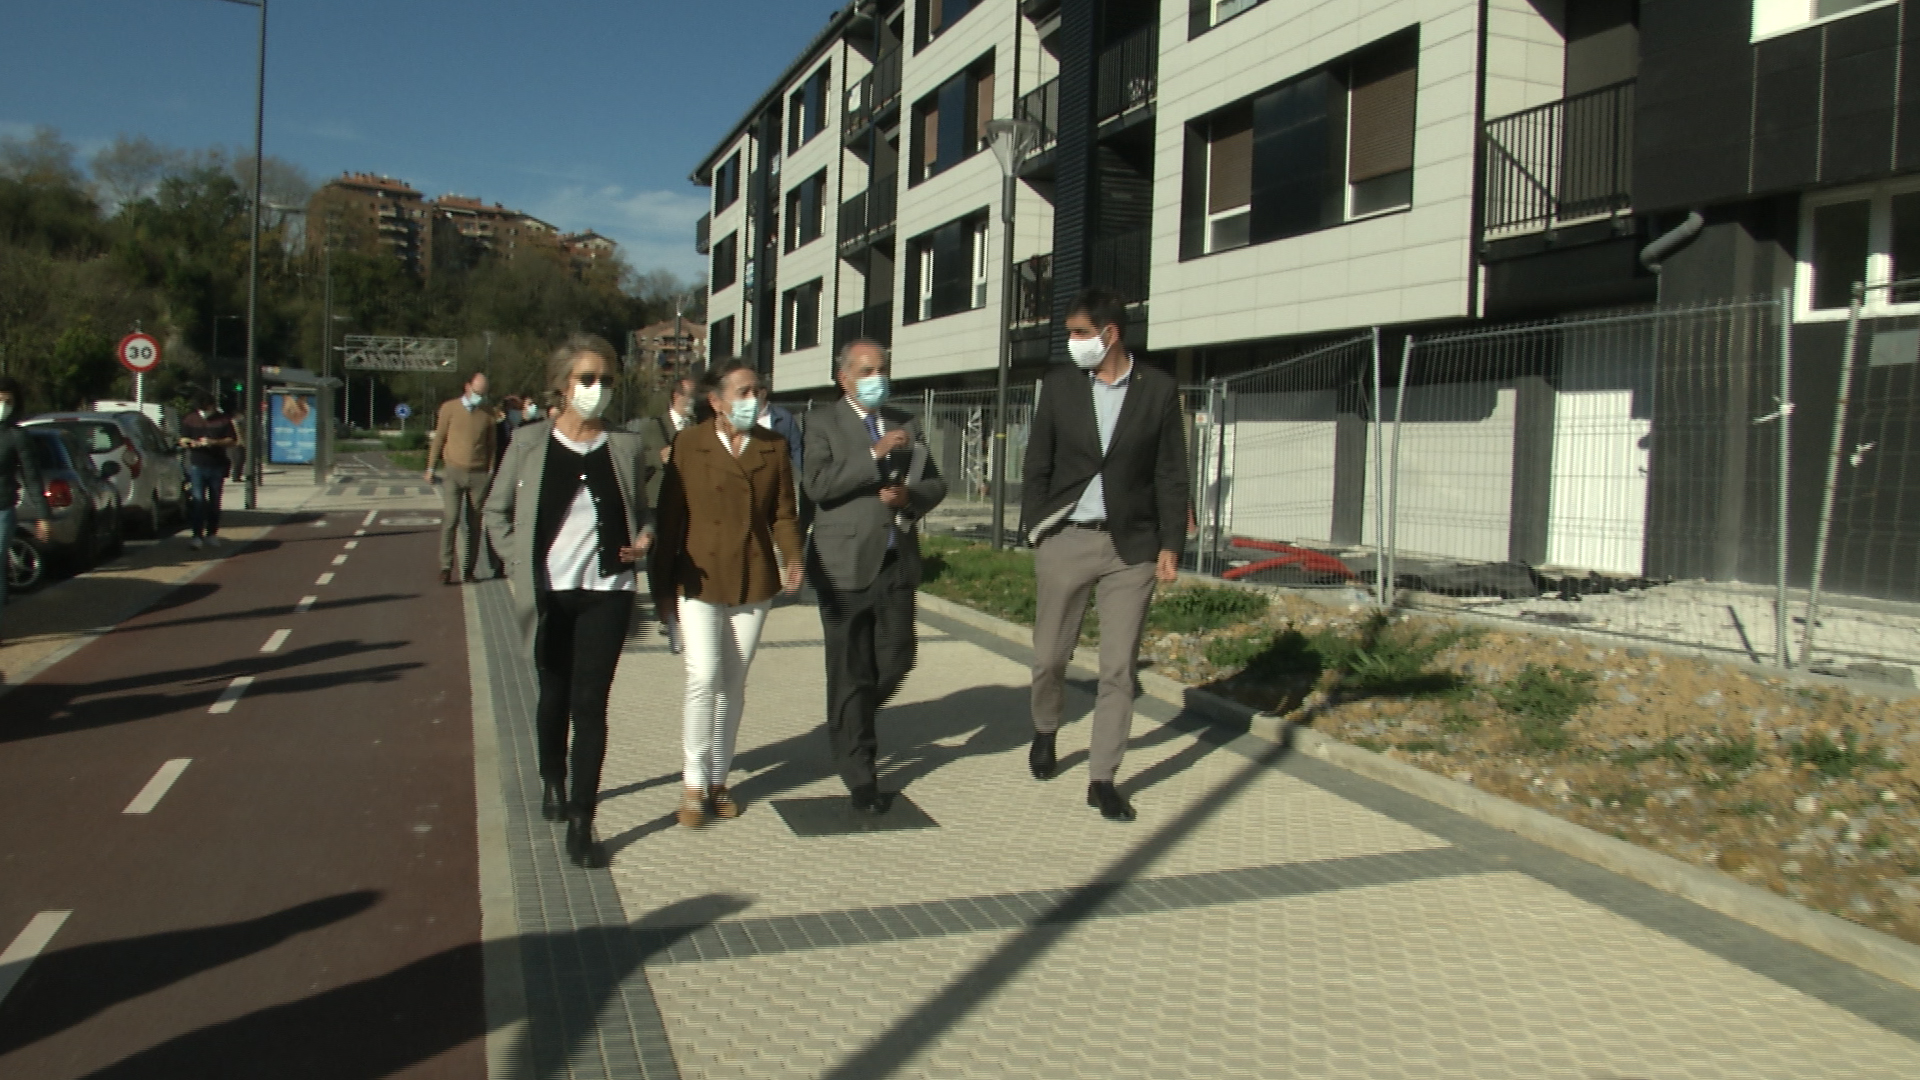 Finalizada la rehabilitación energética de las viviendas del  barrio de Txomin de San Sebastián [0:00]